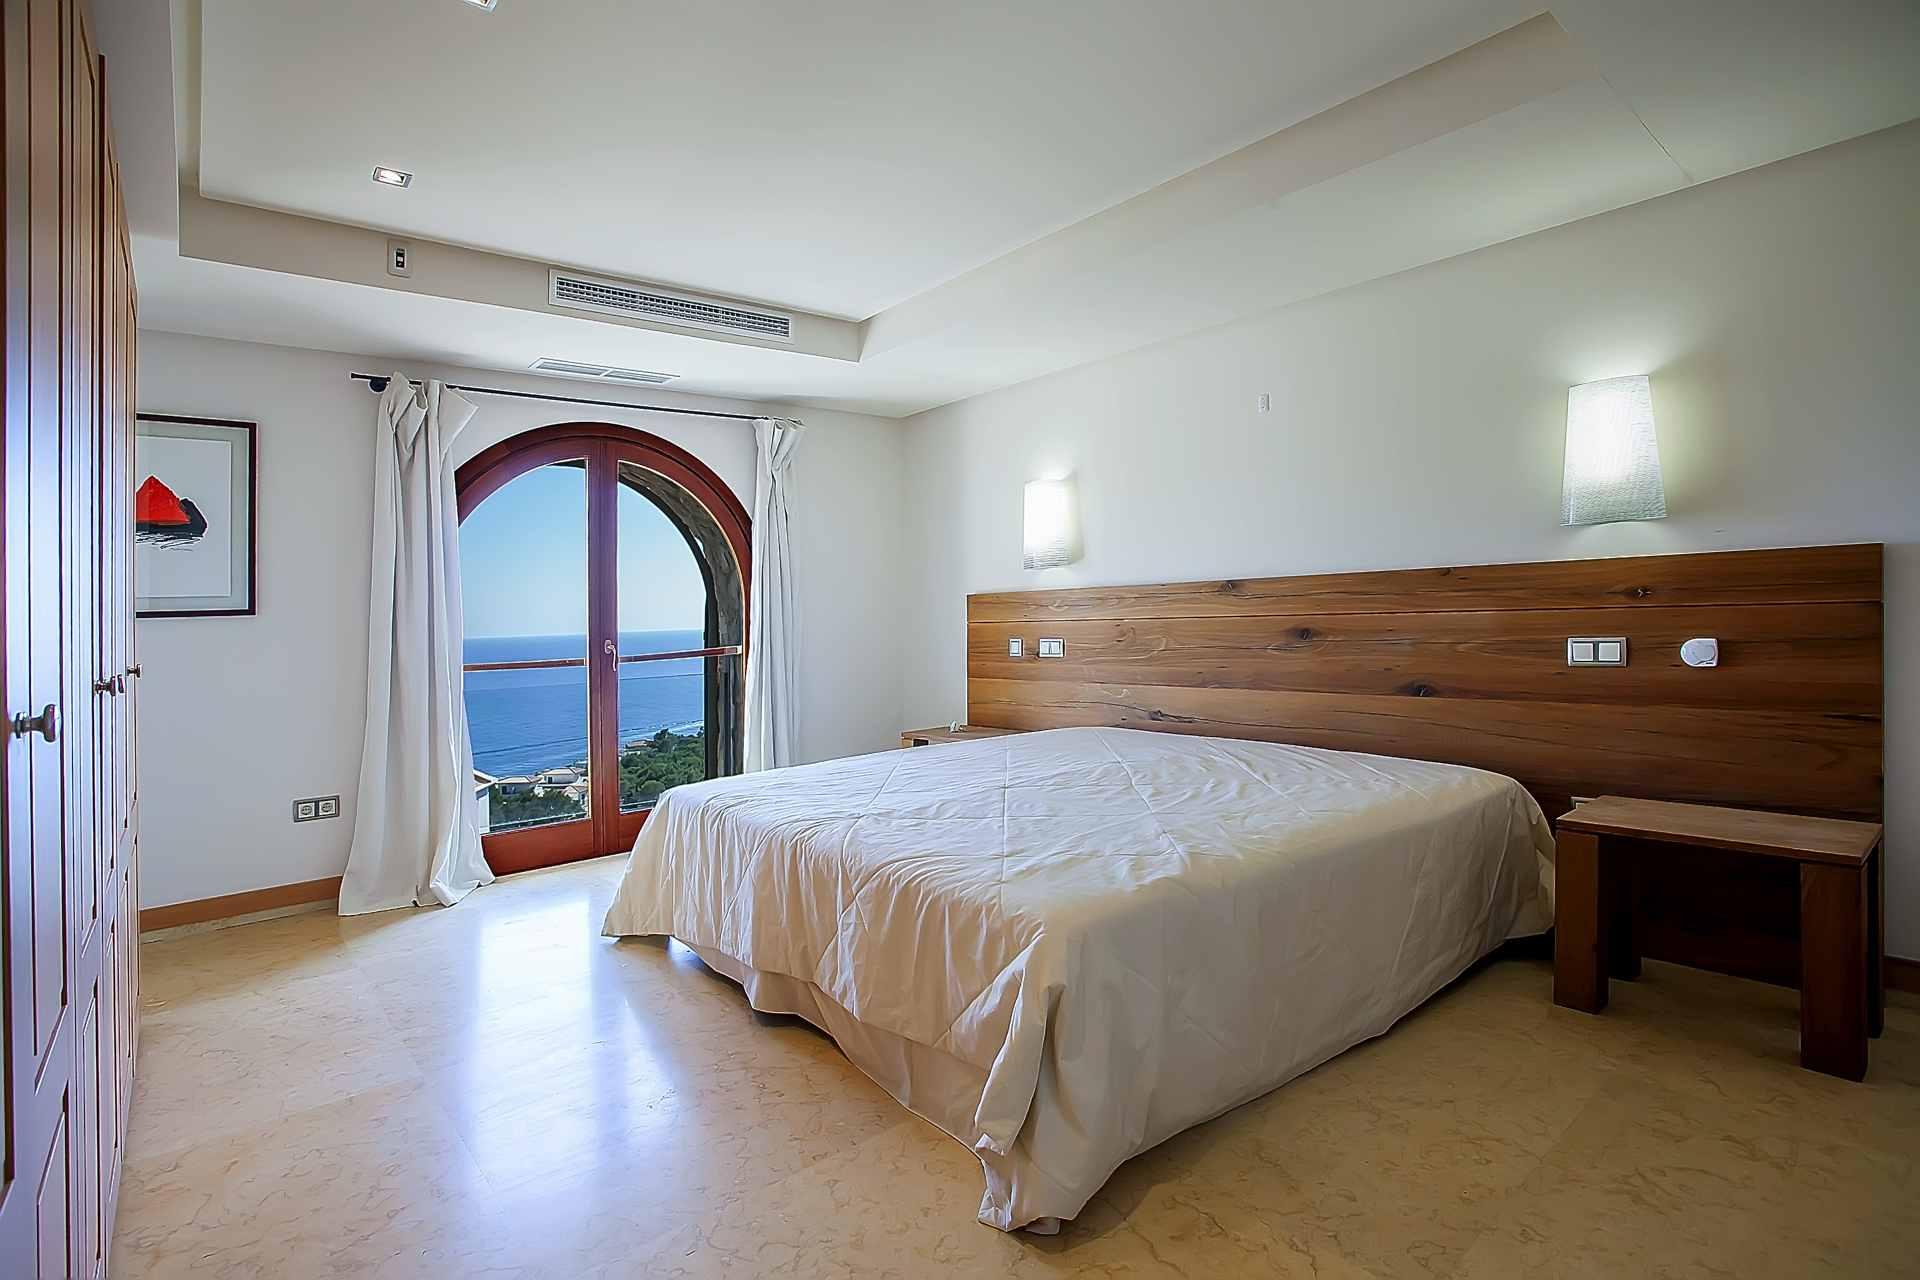 01-268 modern luxury Villa Mallorca southwest Bild 15